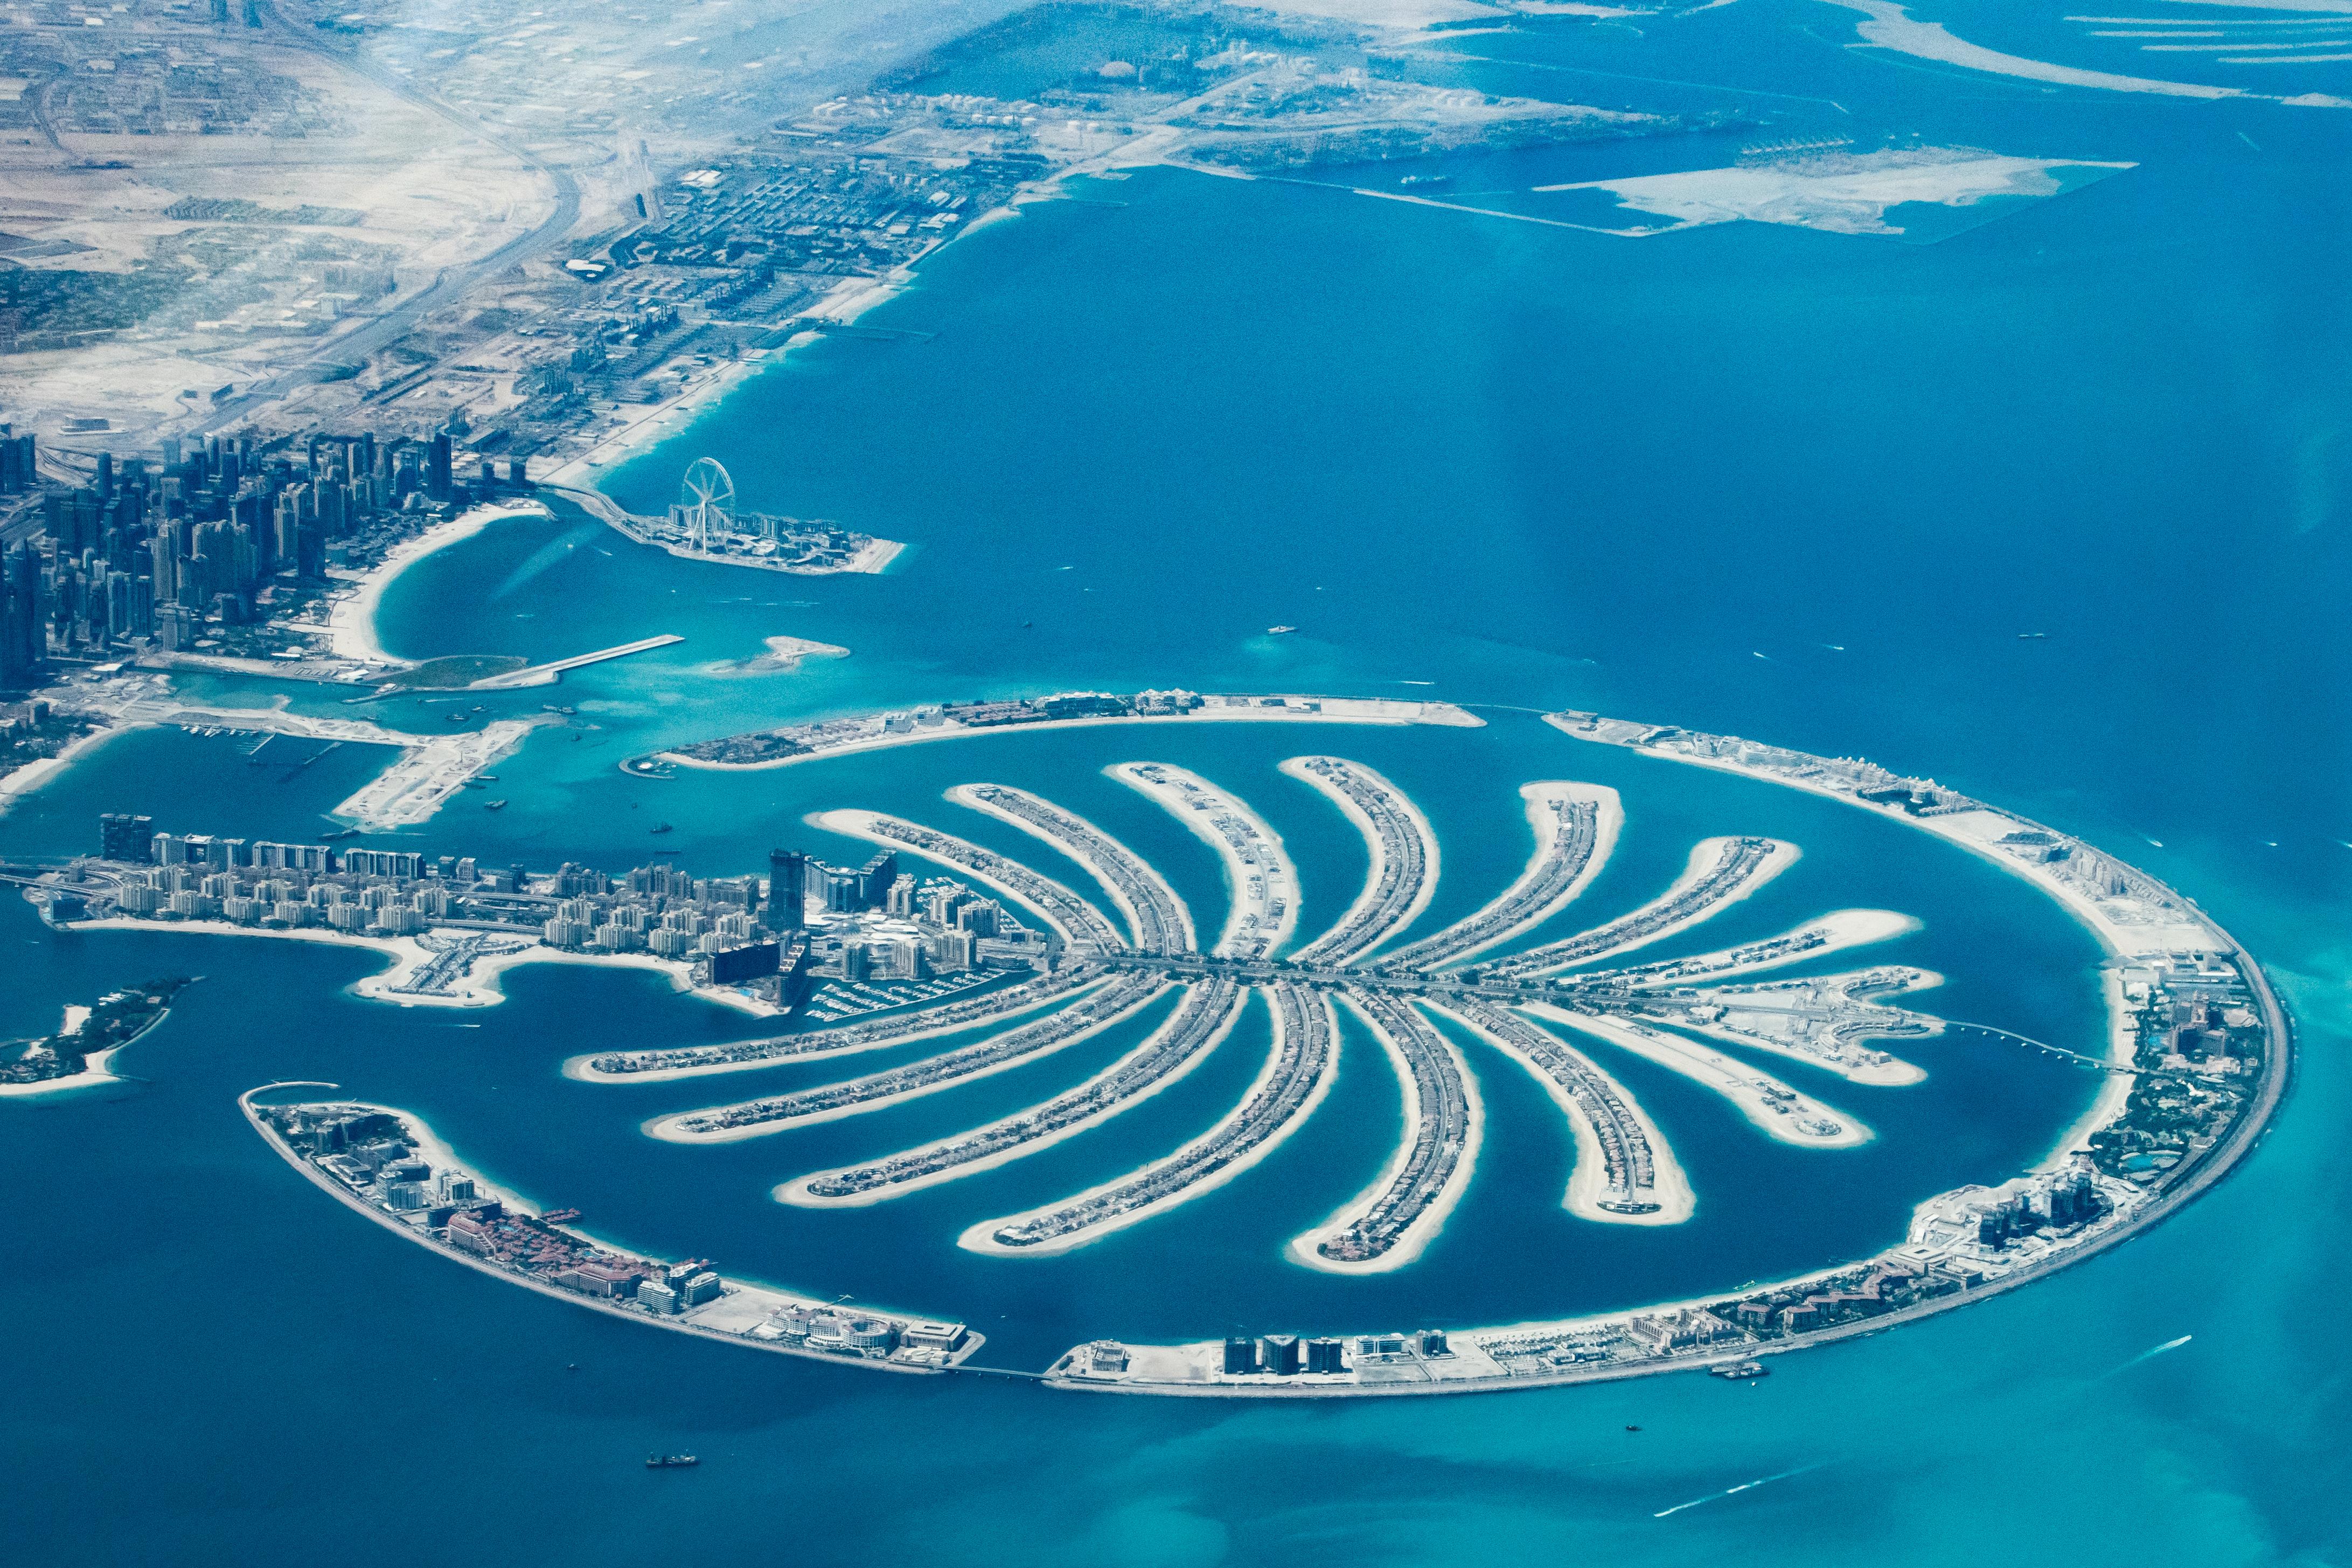 Palm Dubai from the air